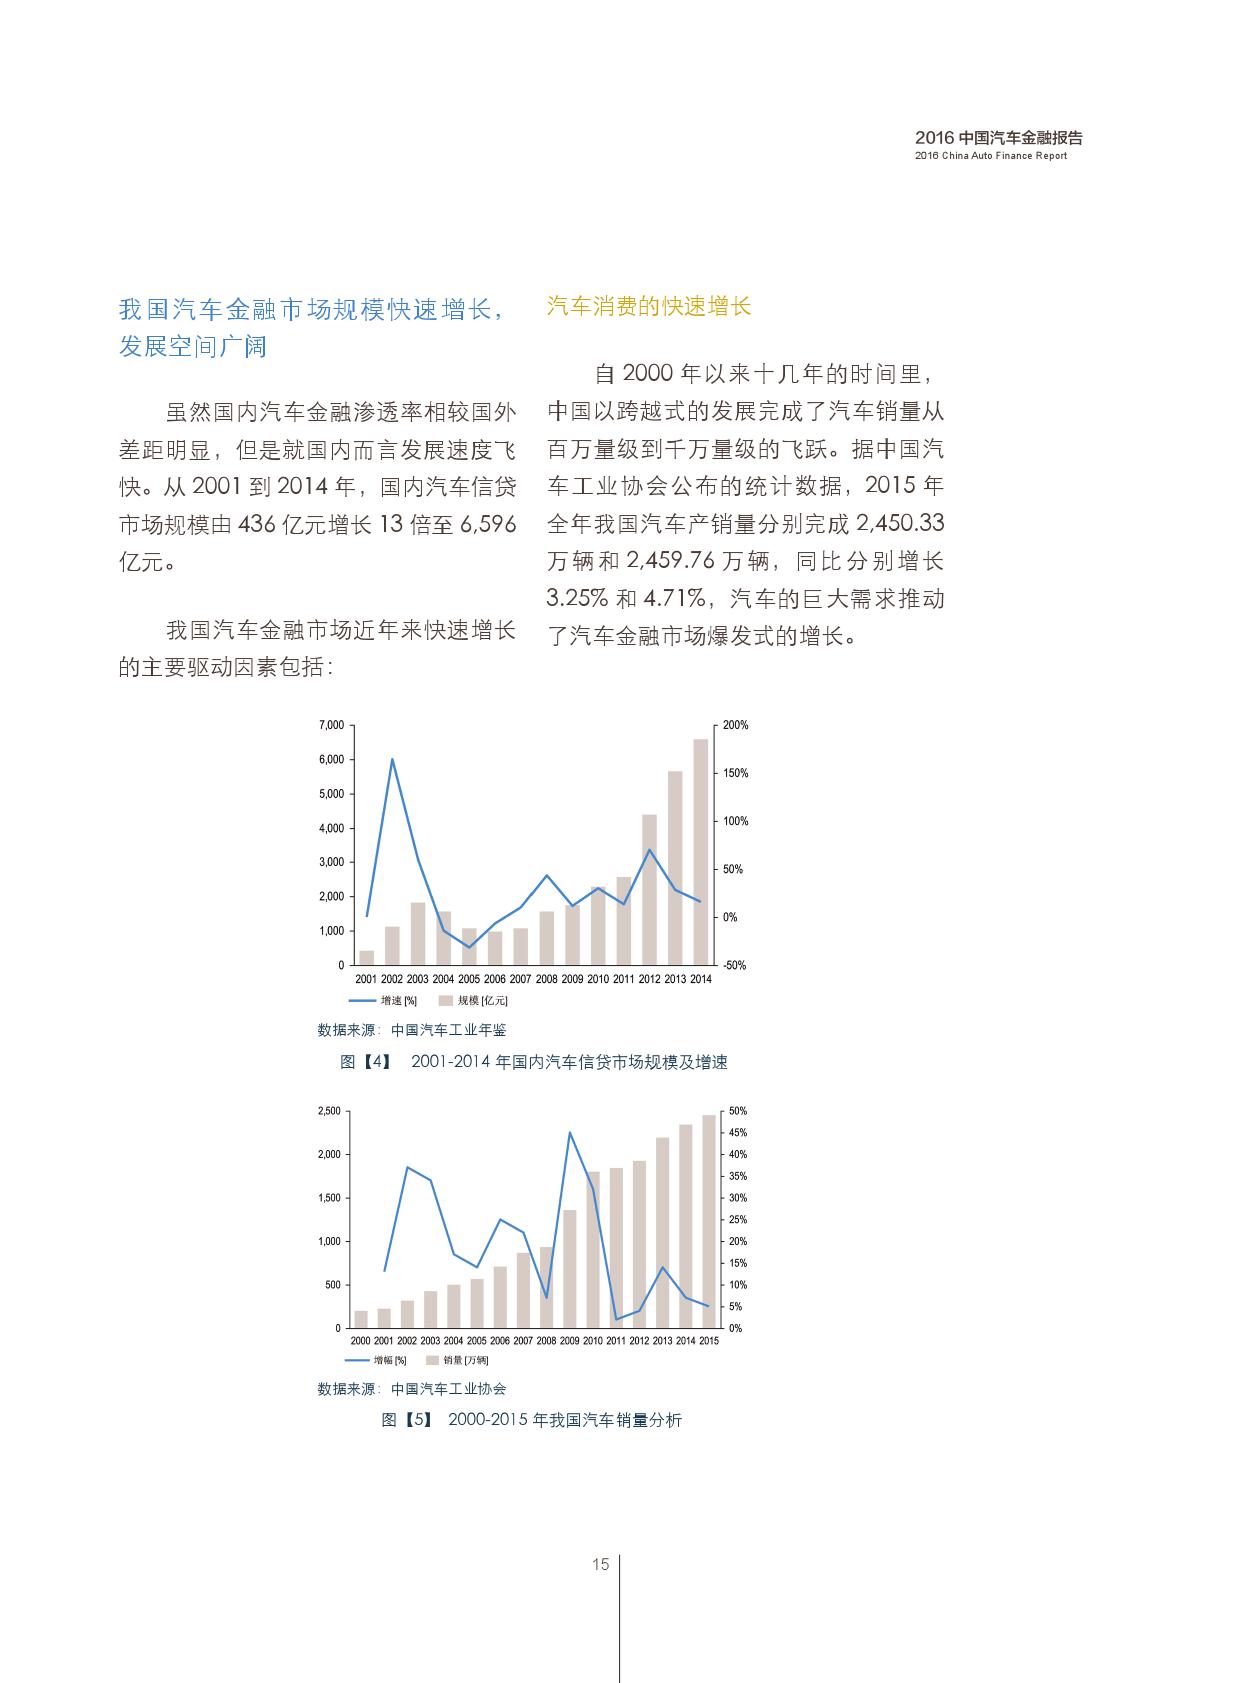 2016中国汽车金融报告_000016